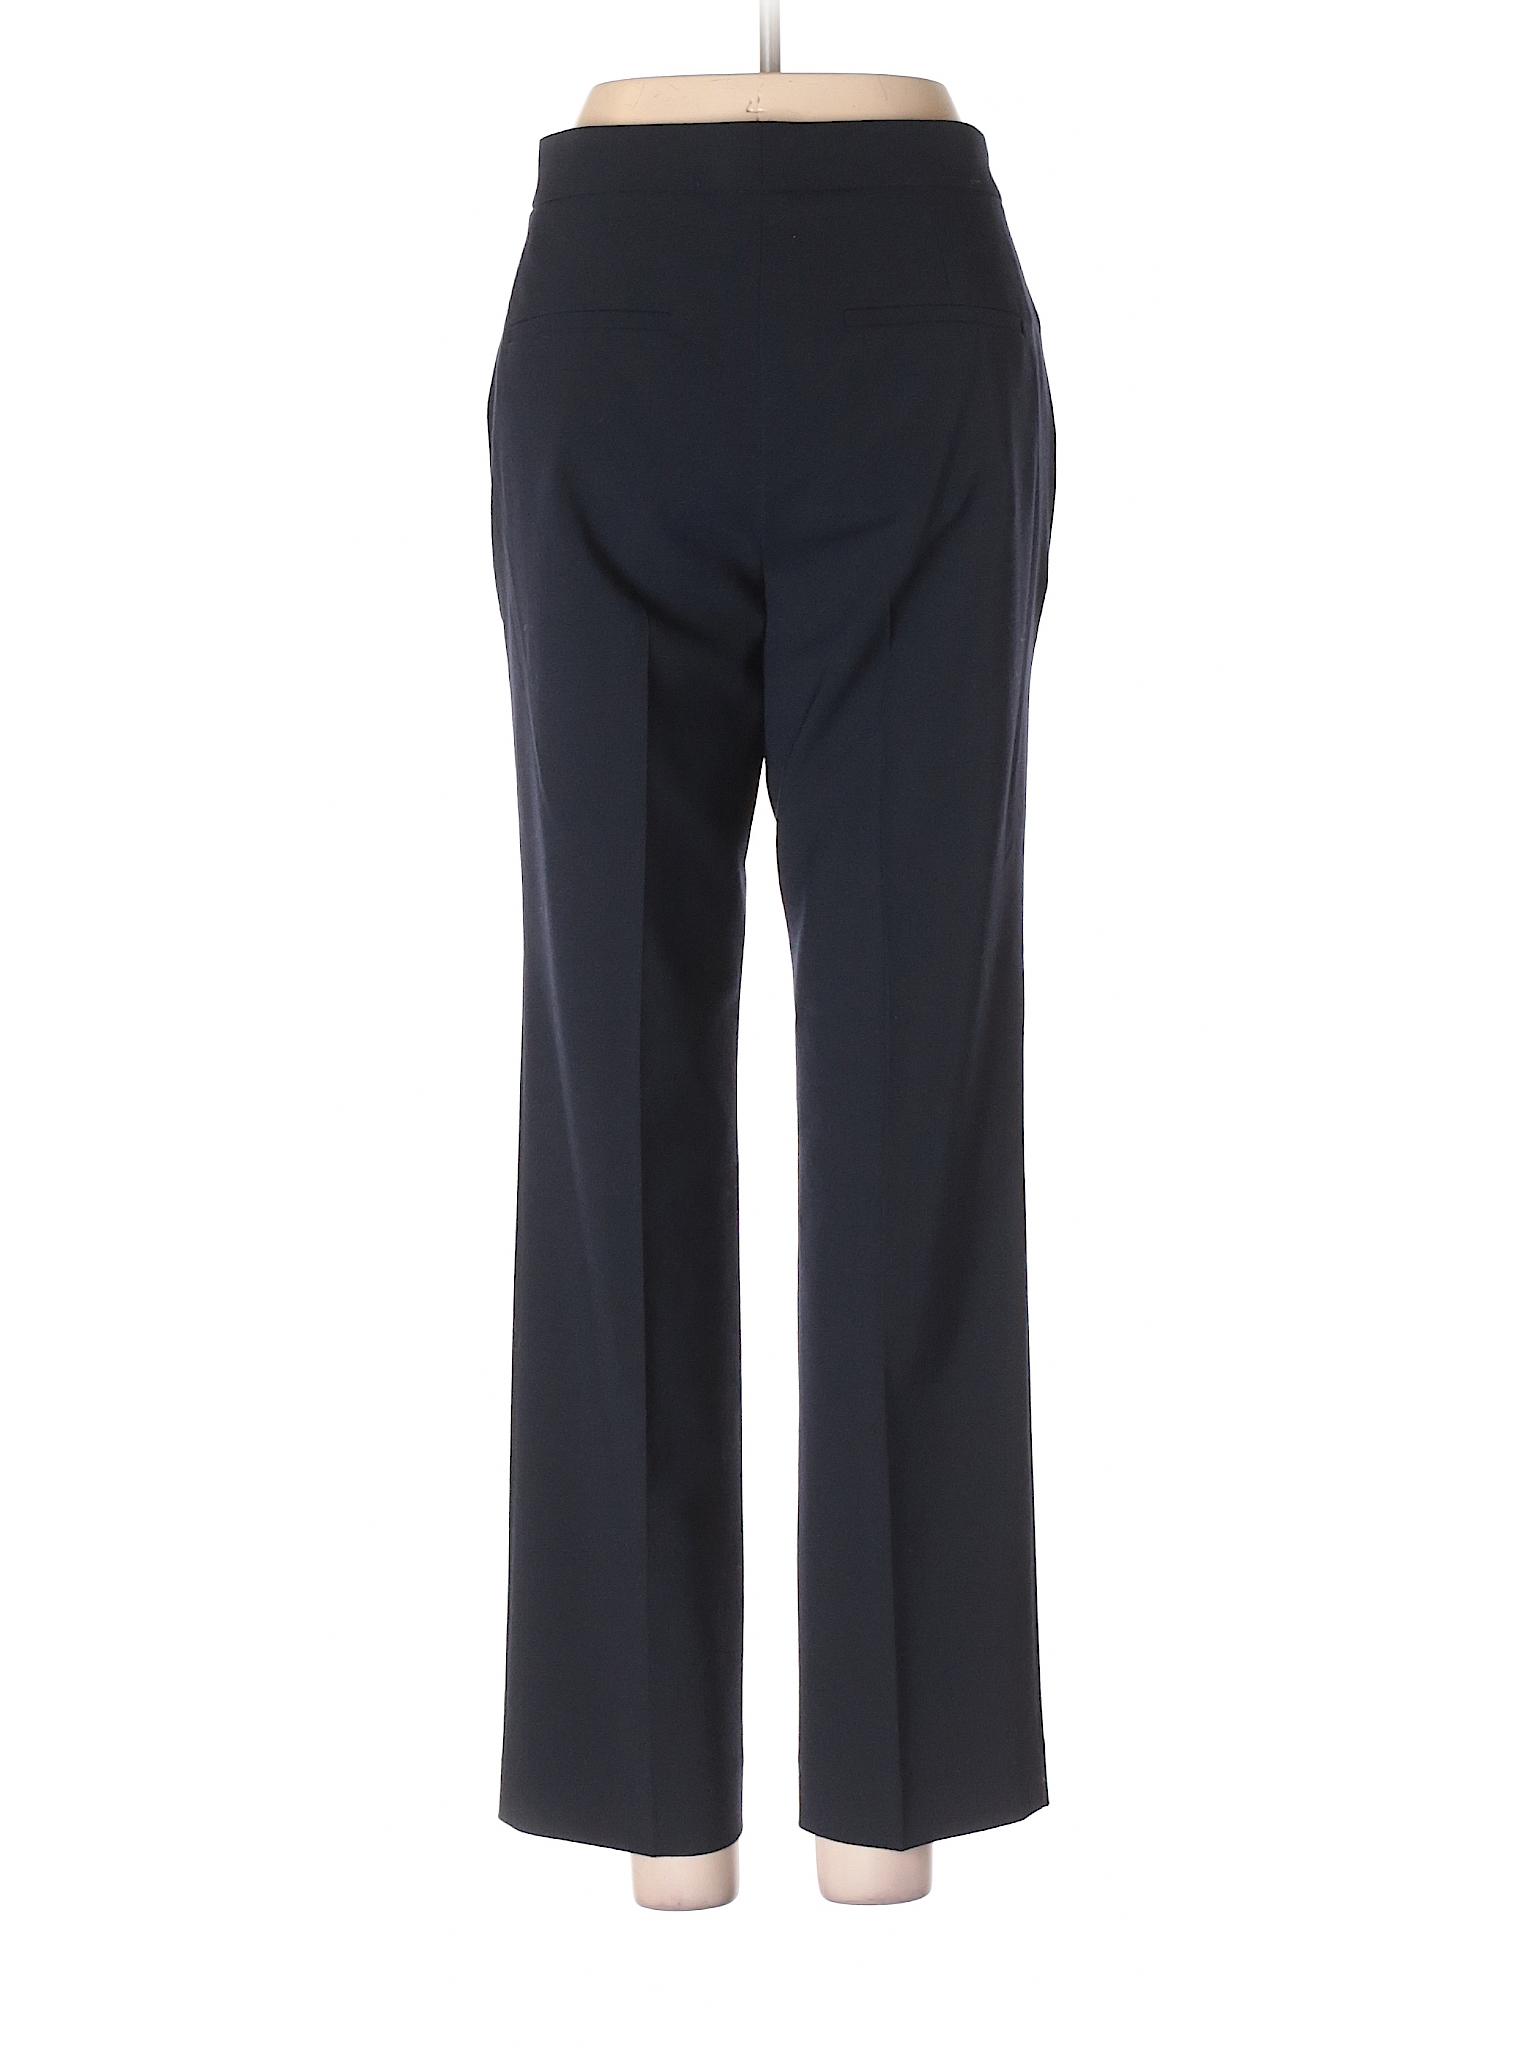 Pants Dress Ann winter Taylor Boutique Za4YU7qxw